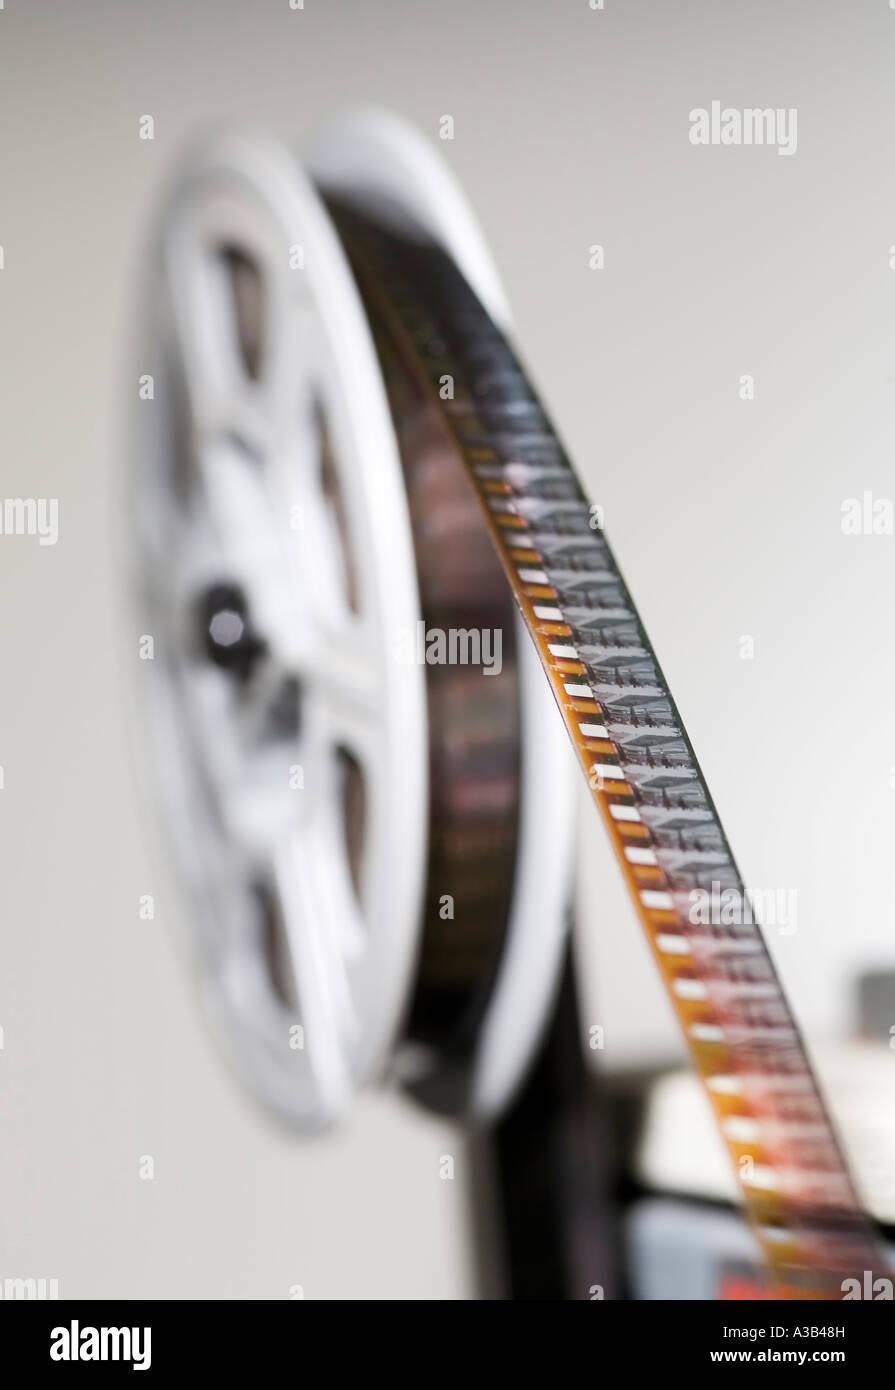 8mm de película de cine amateur en el molinete del proyector con poca profundidad de campo se centró en Imagen De Stock